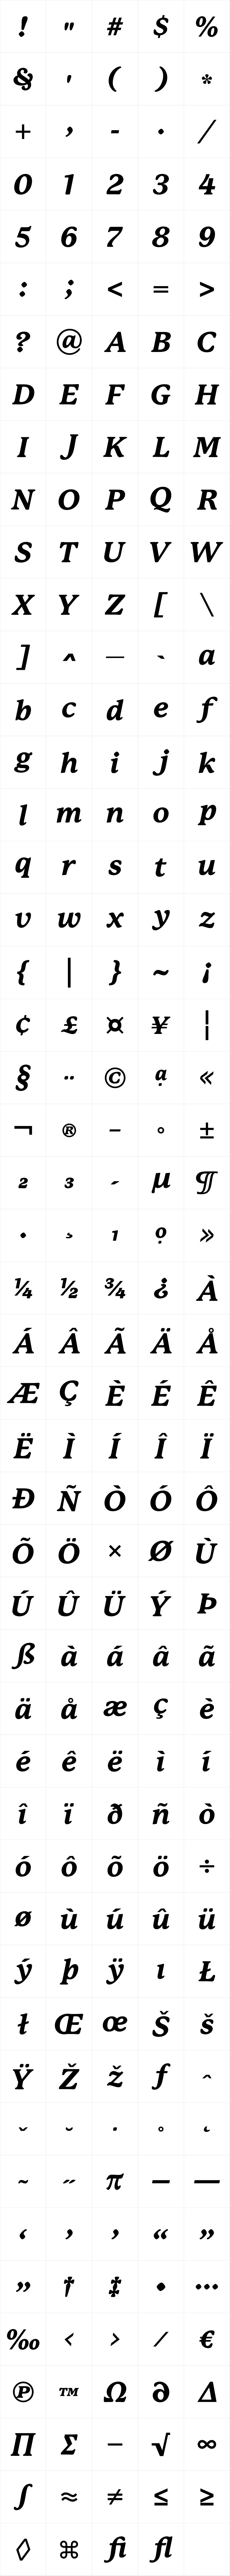 P22 Mackinac Extra Bold Italic